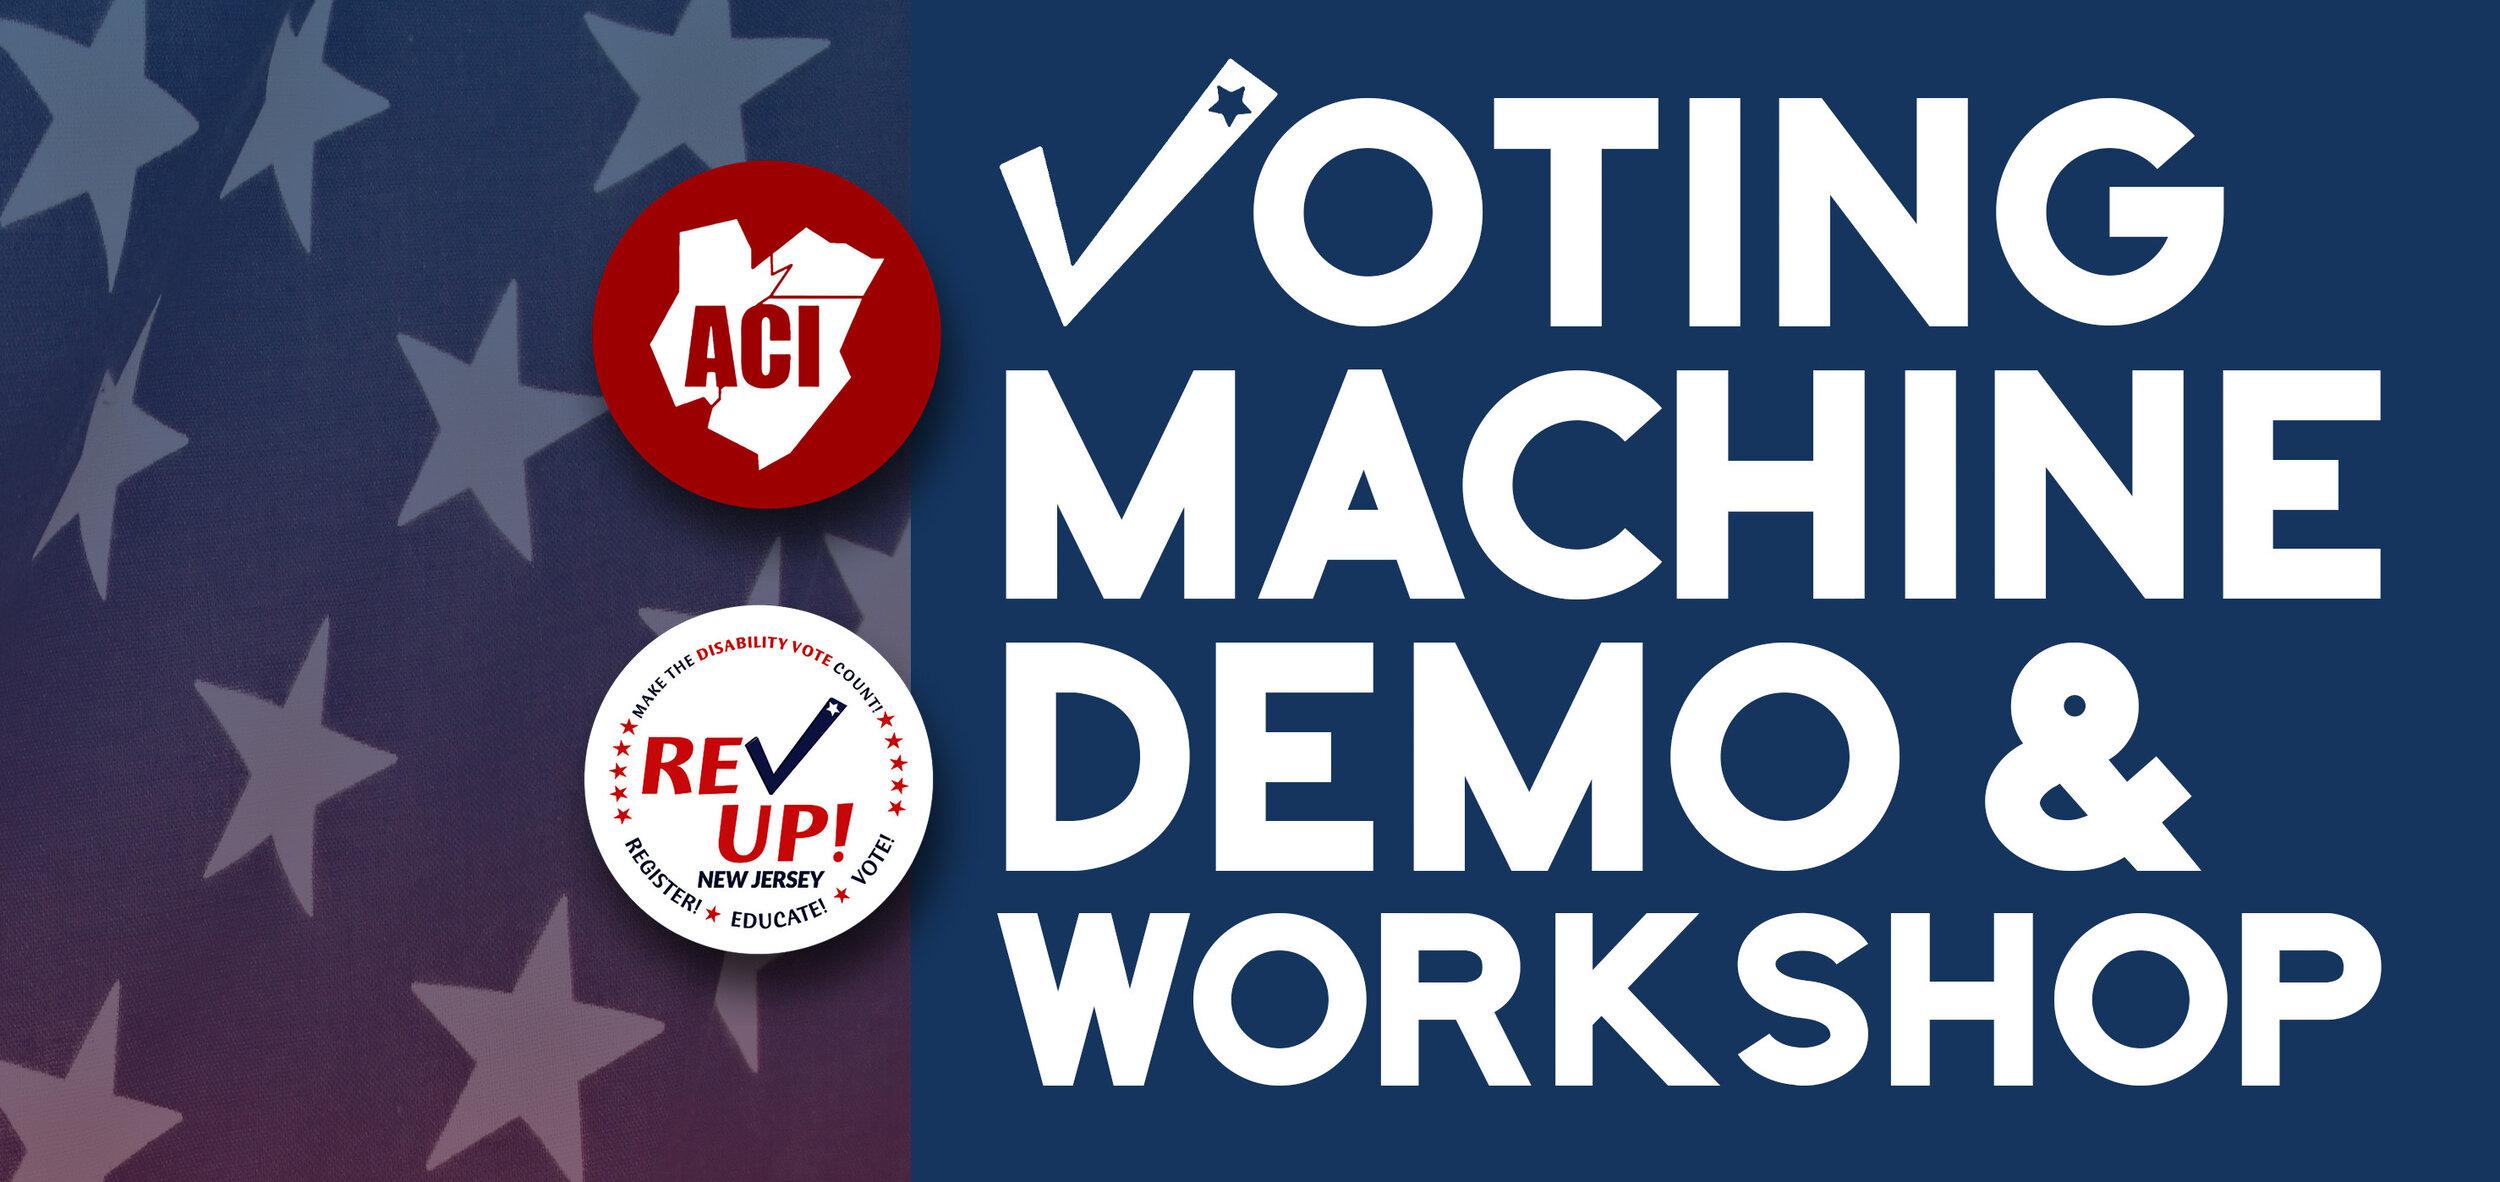 Voting Machine Demo & Workshop.jpg